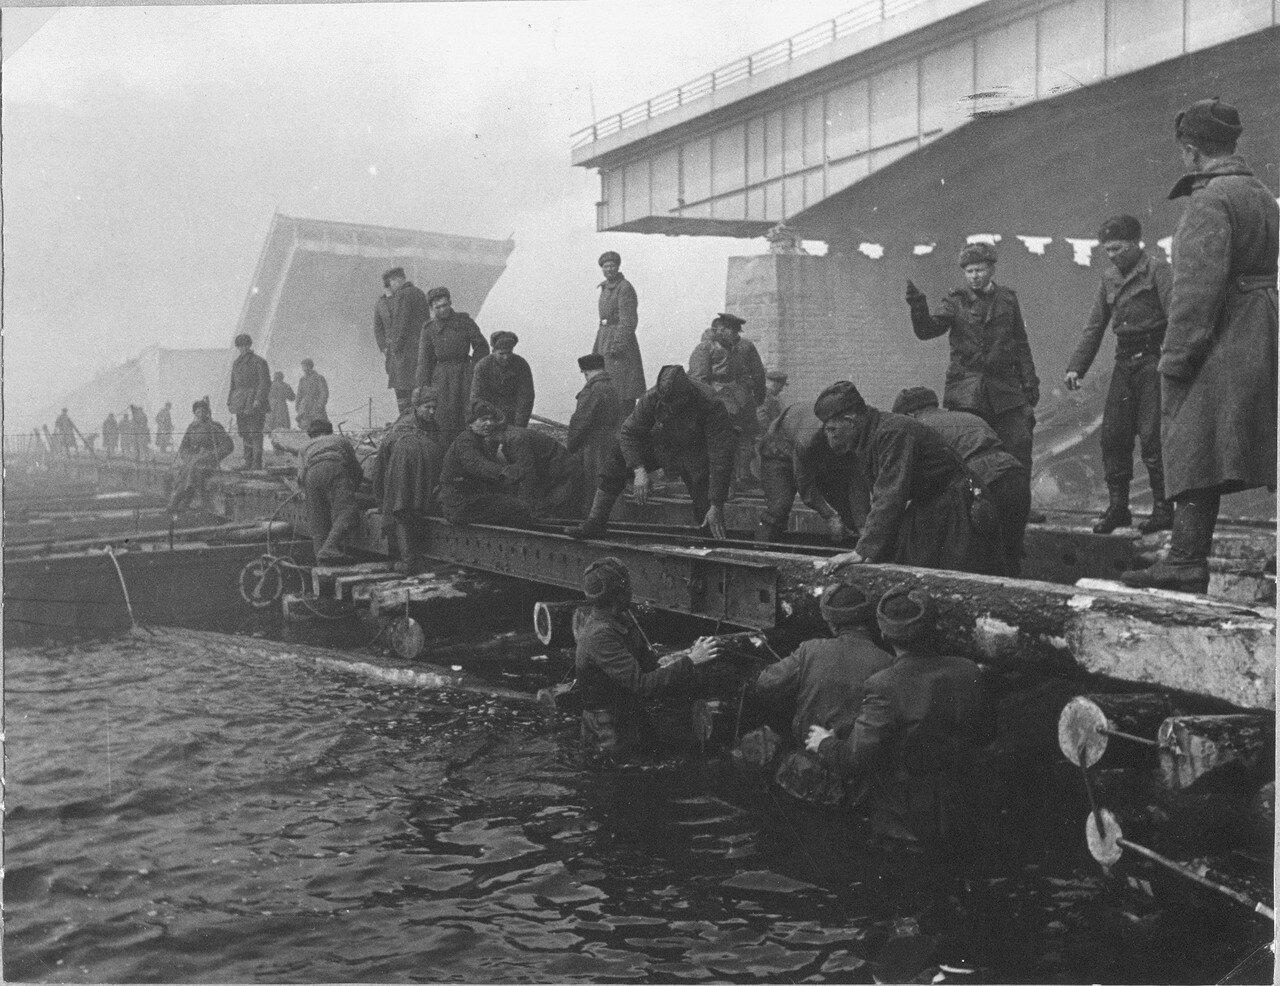 Советские саперы наводят понтонную переправу через реку Одер [1]. Германия. 1945